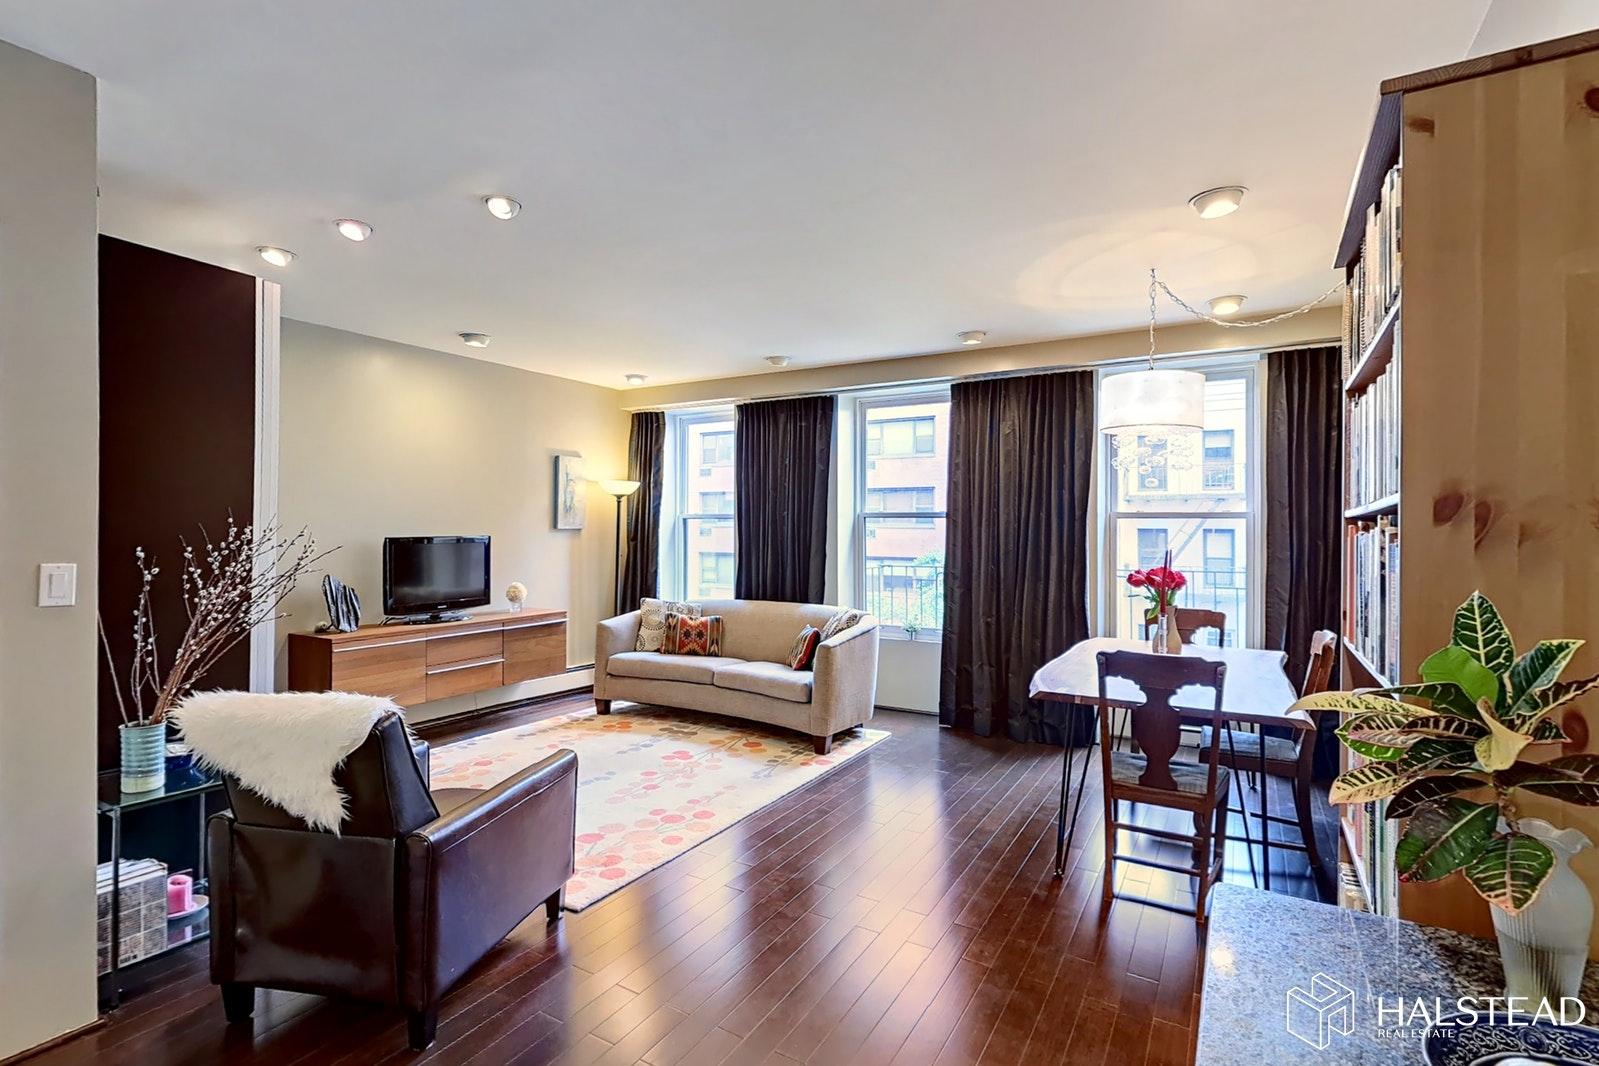 342 EAST 51ST STREET 4AB, Midtown East, $830,000, Web #: 19647919